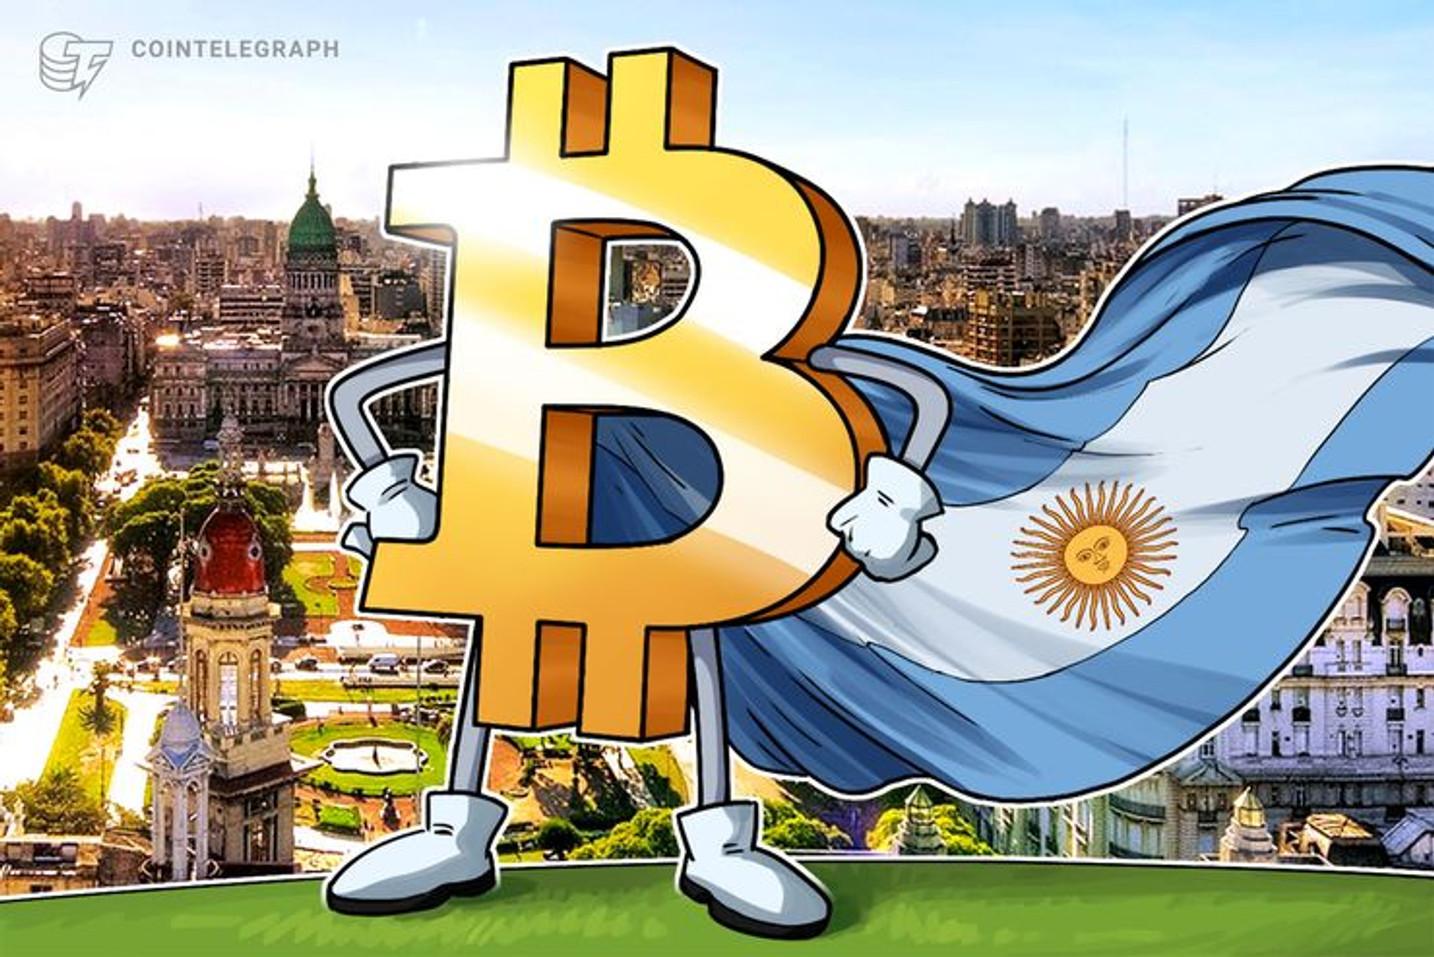 Presentaron un proyecto de ley sobre criptoactivos en el Congreso de la Nación Argentina